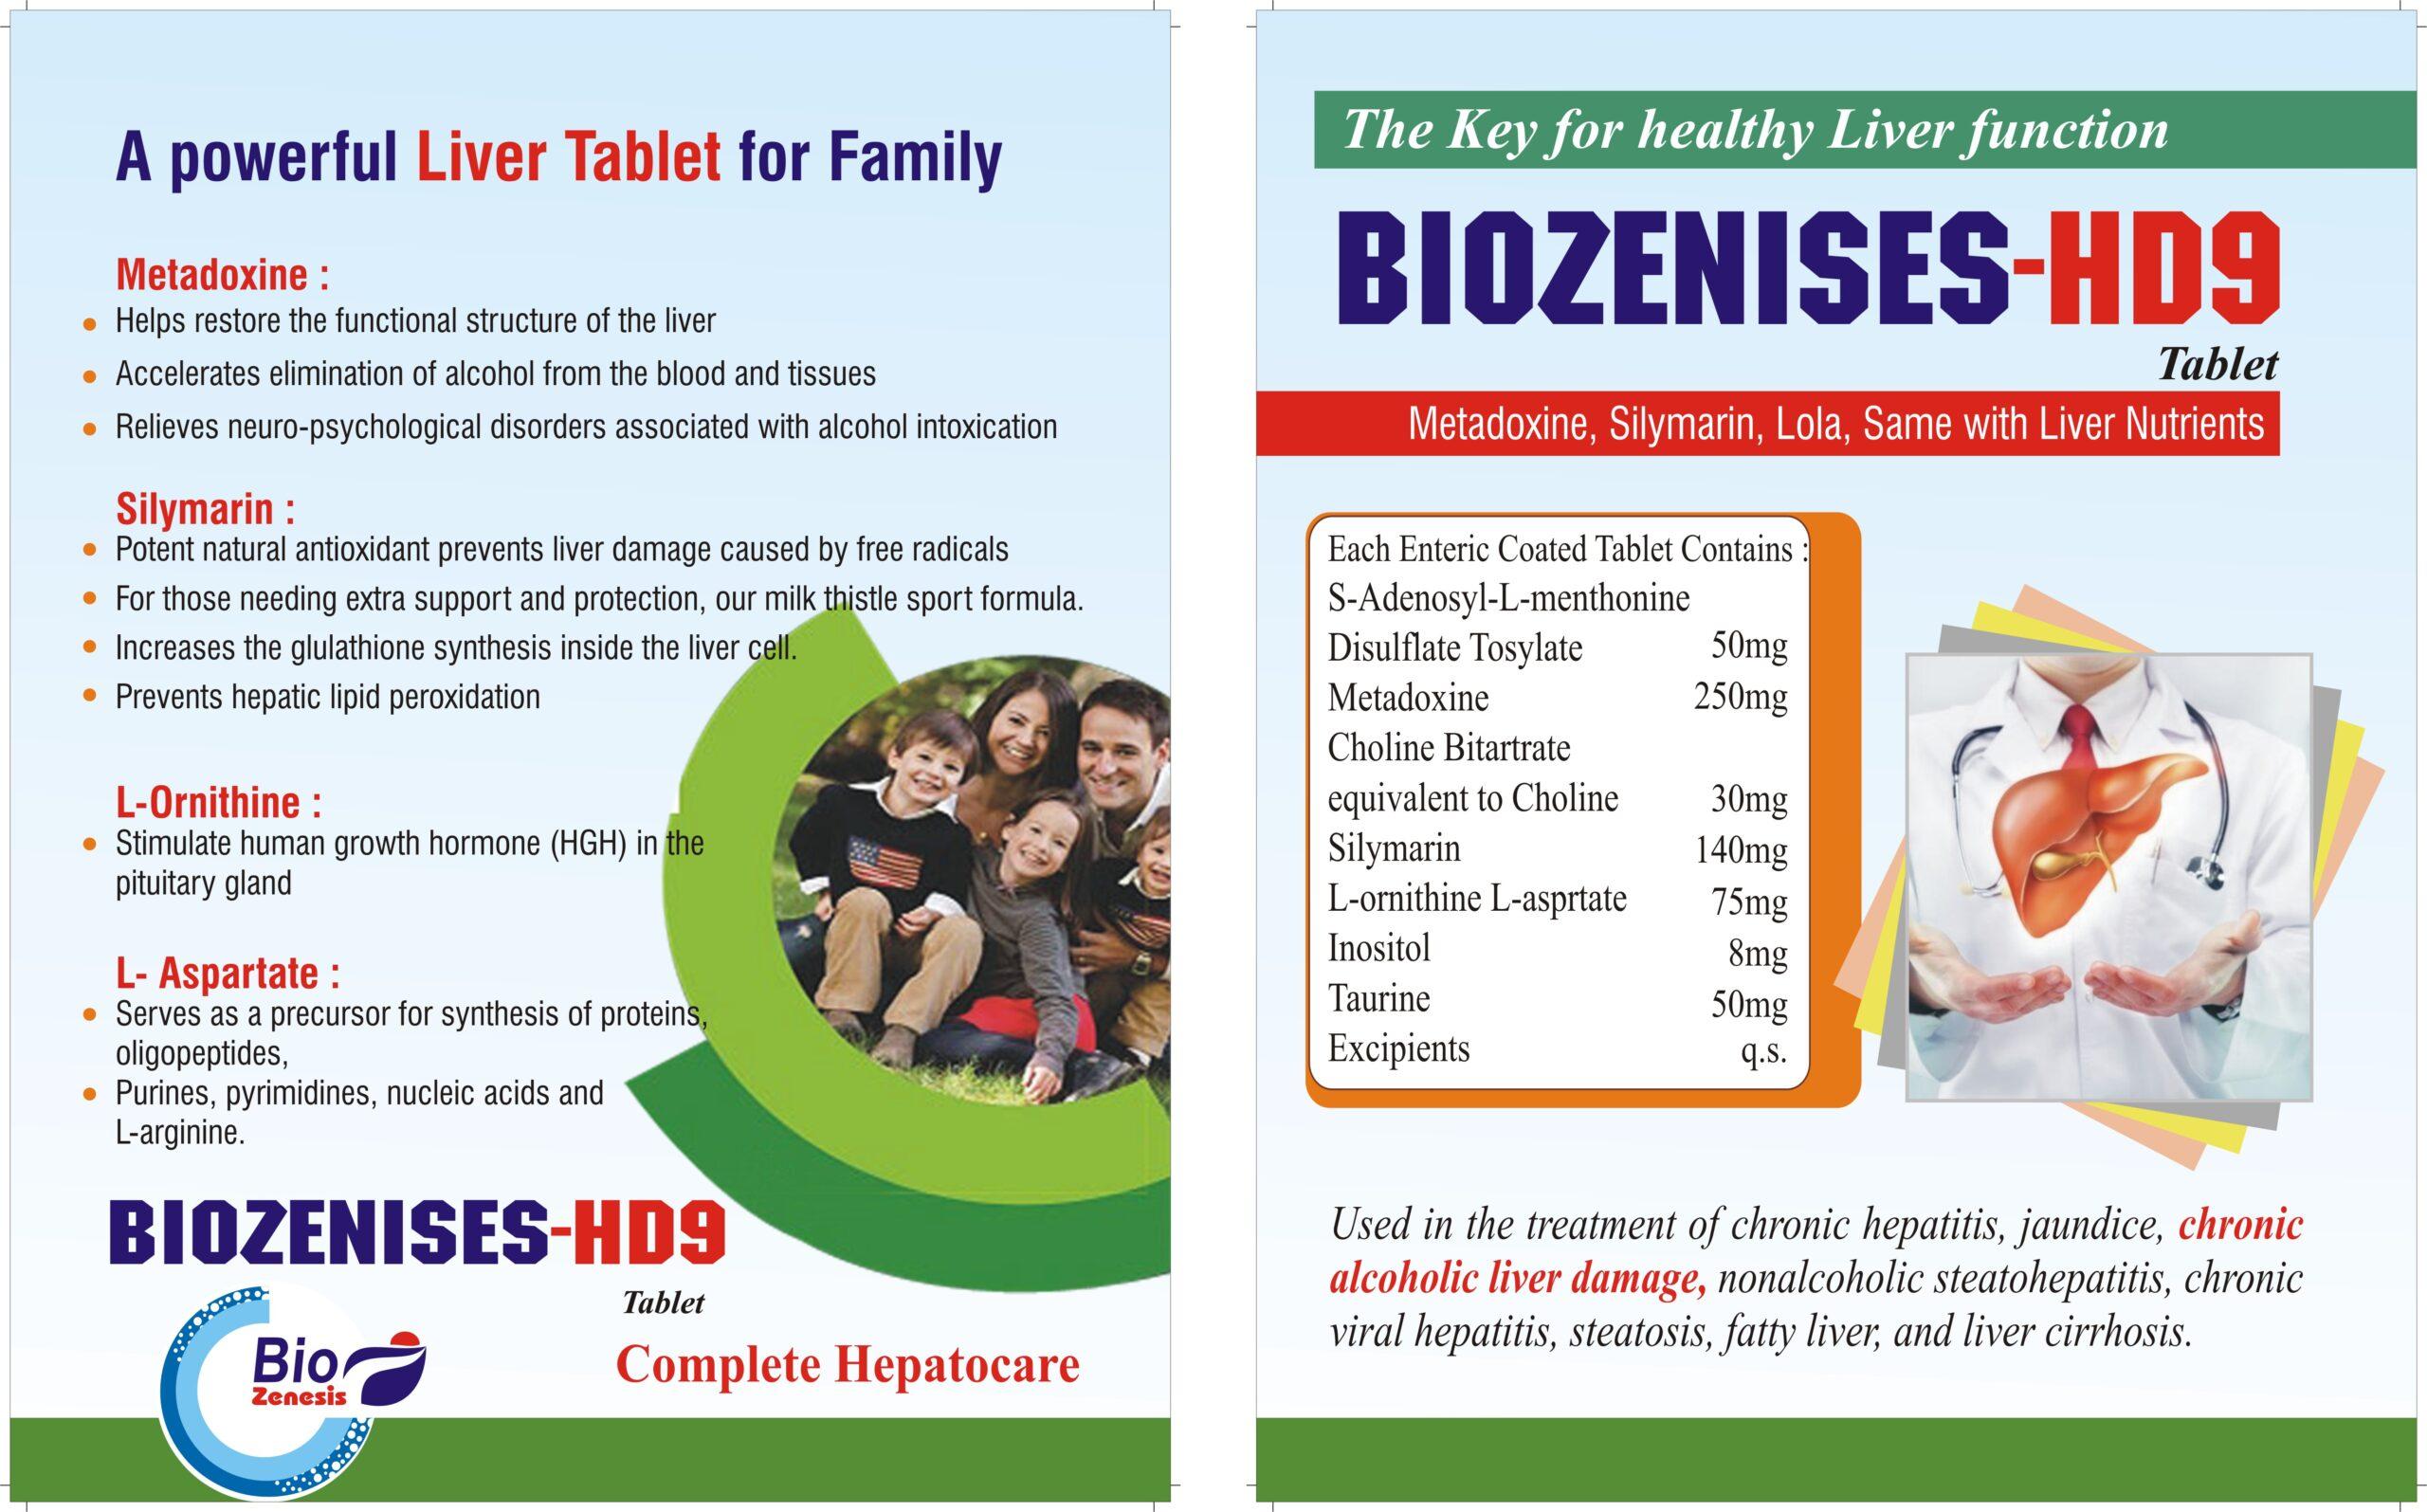 Biozenises-HD9 tab